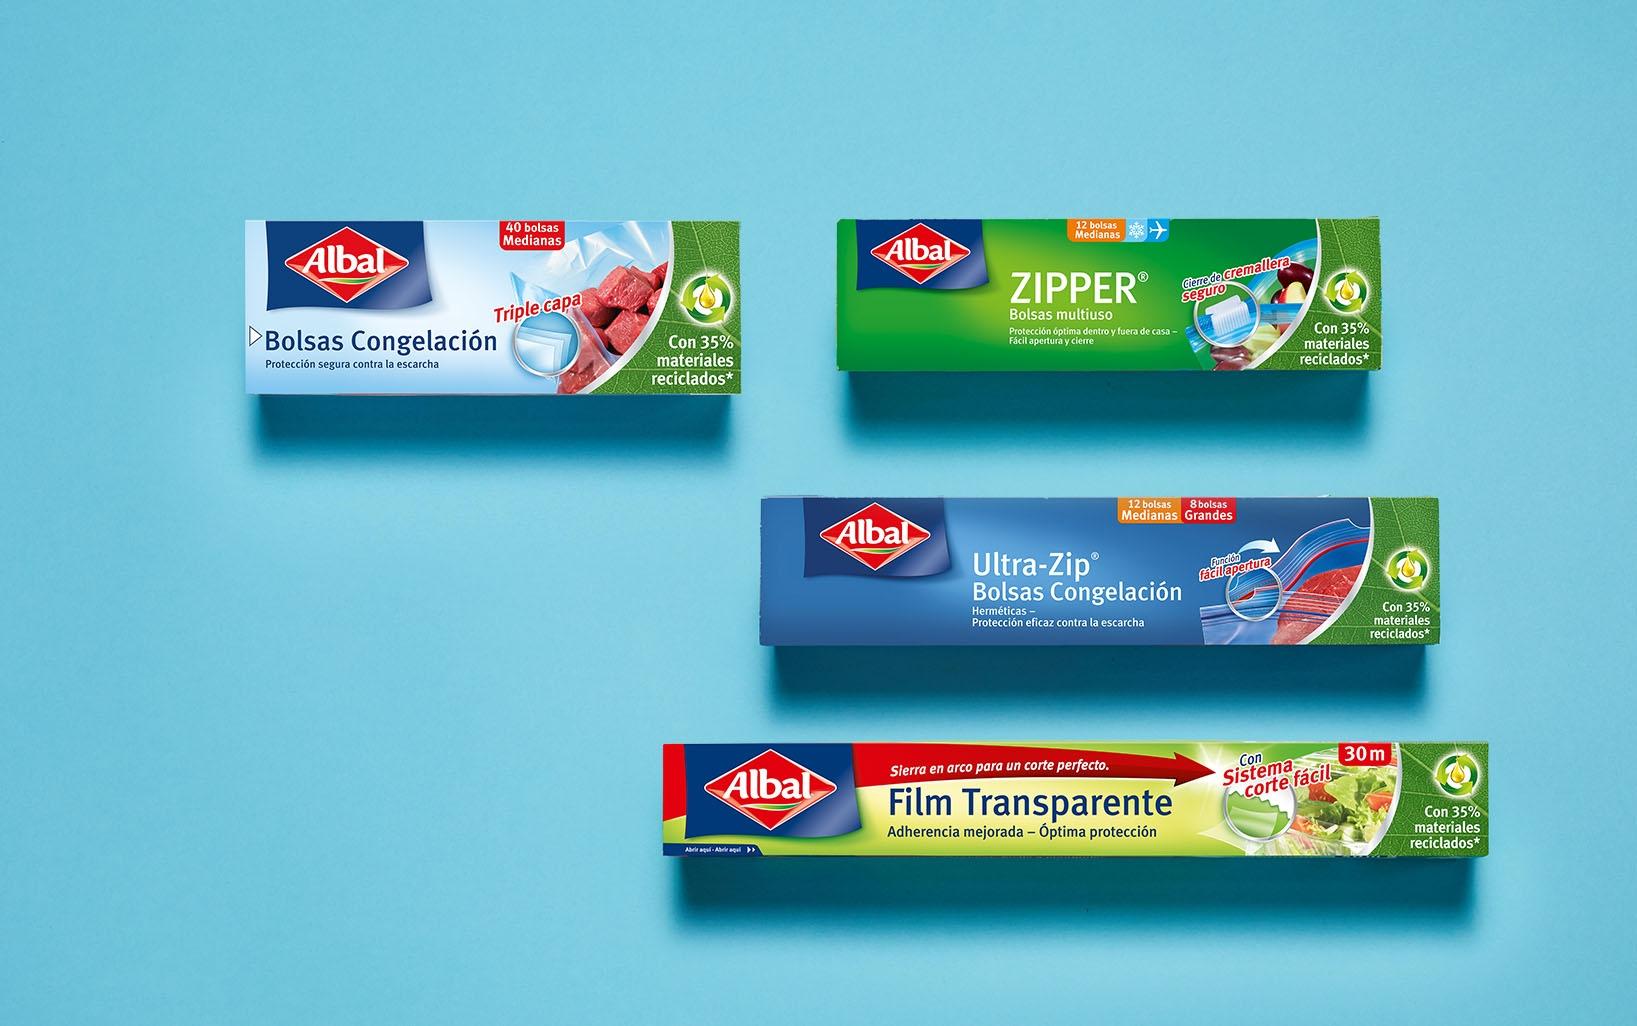 Productos Albal® con un 35% de materiales reciclados